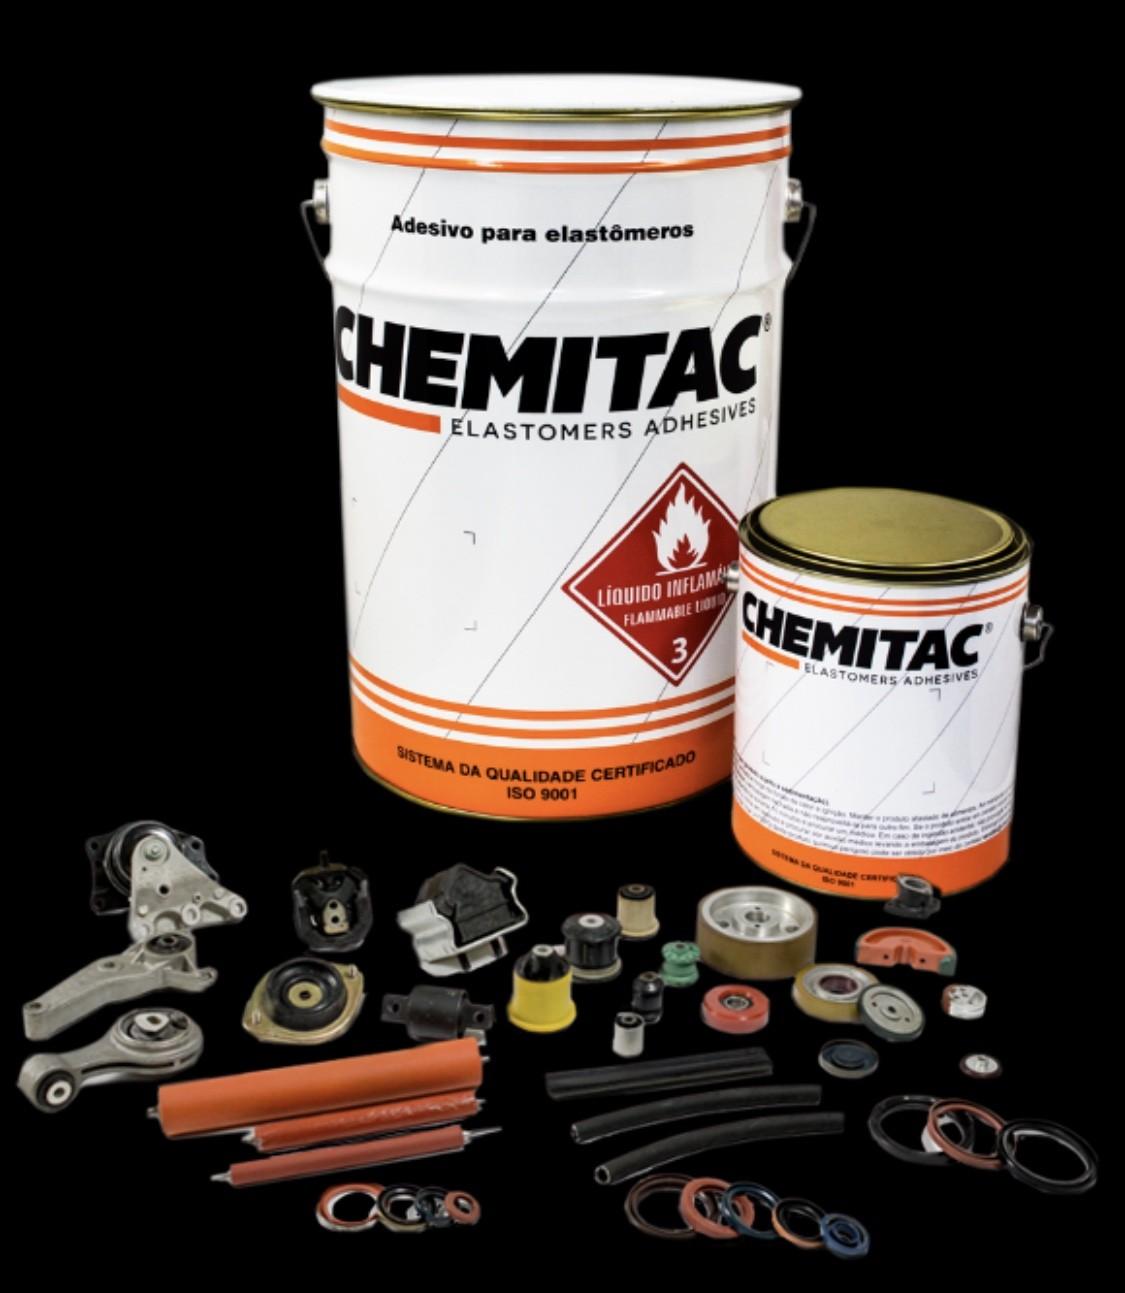 چسب لاستیک به فلز اسپانیایی chemitac